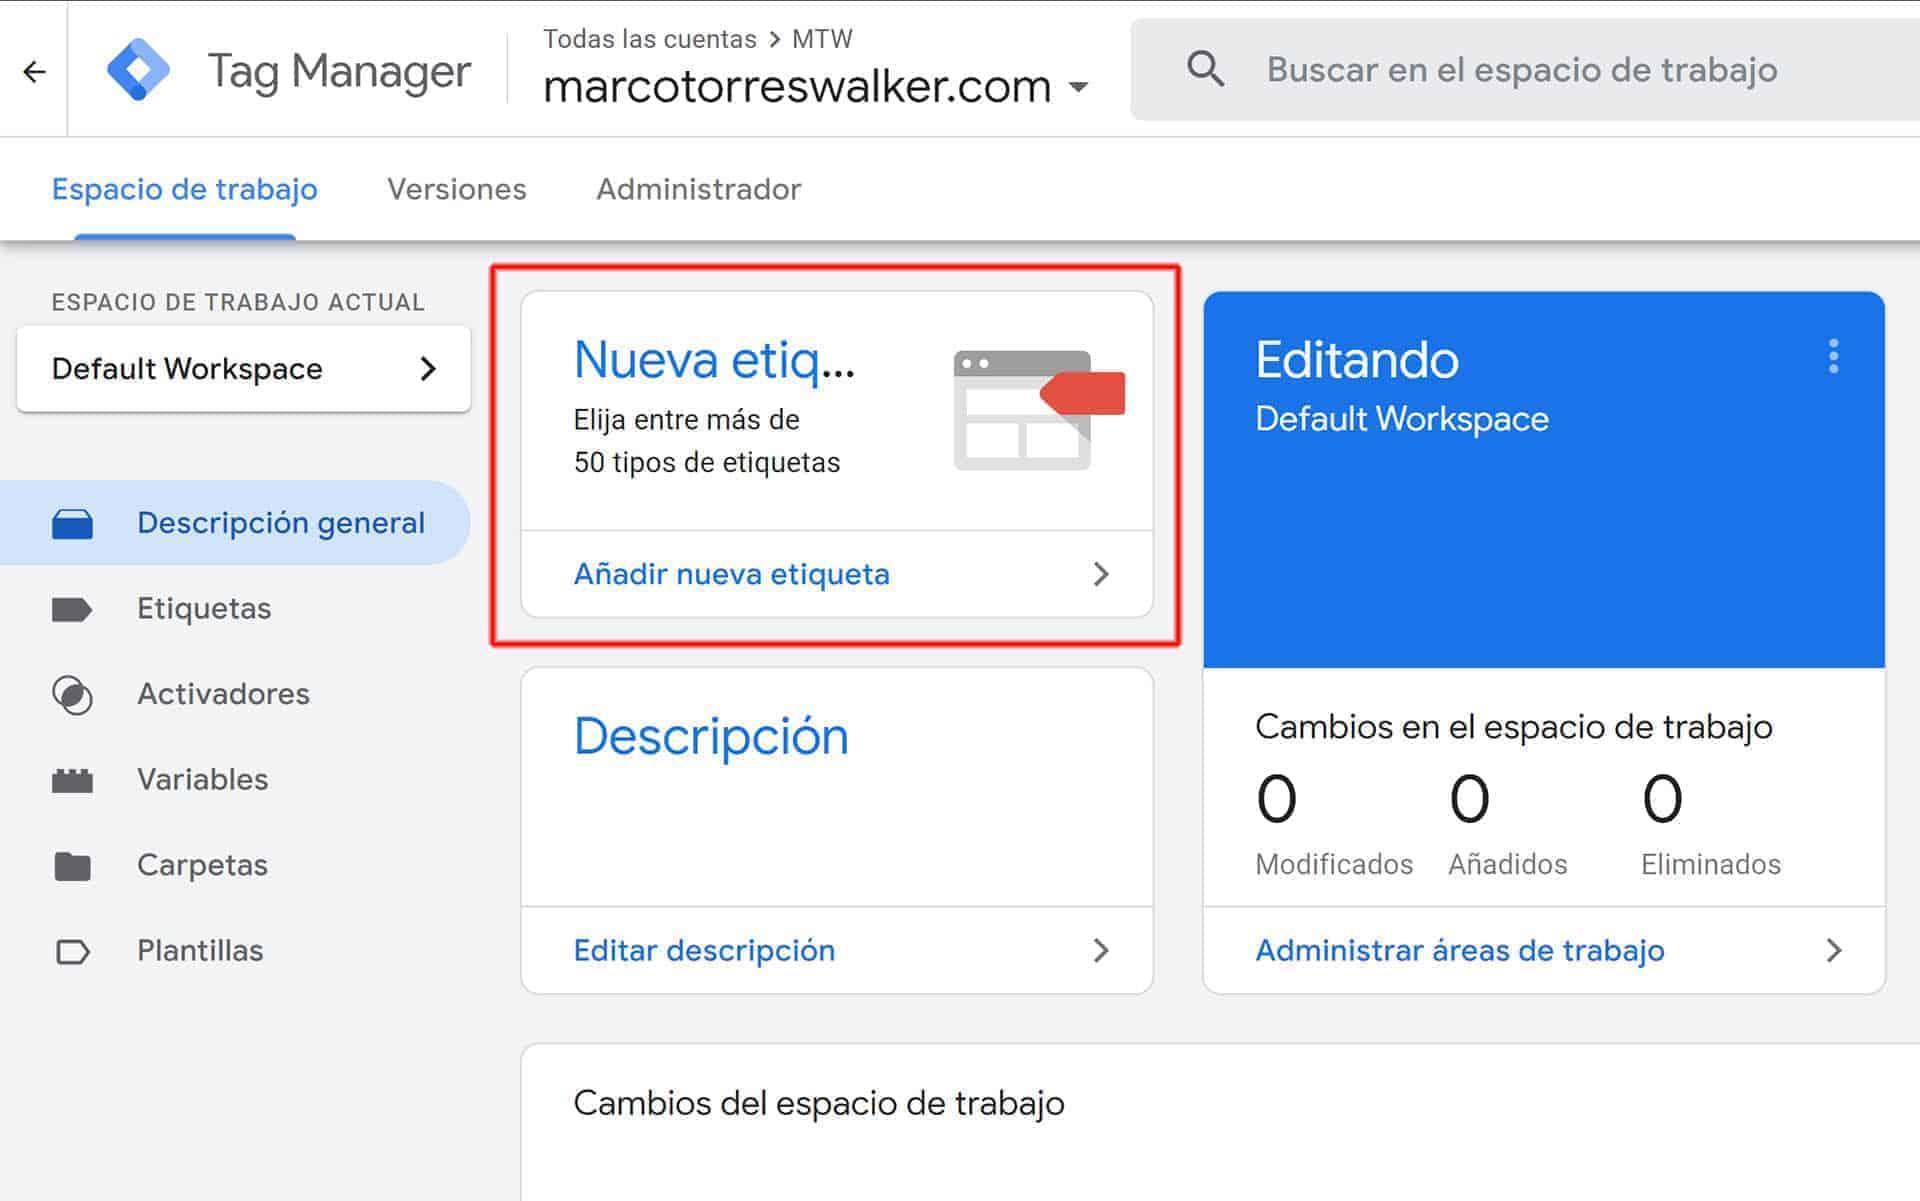 Crear una etiqueta para conectar Analytics, un ejemplo de para qué sirve Google Tag Manager.